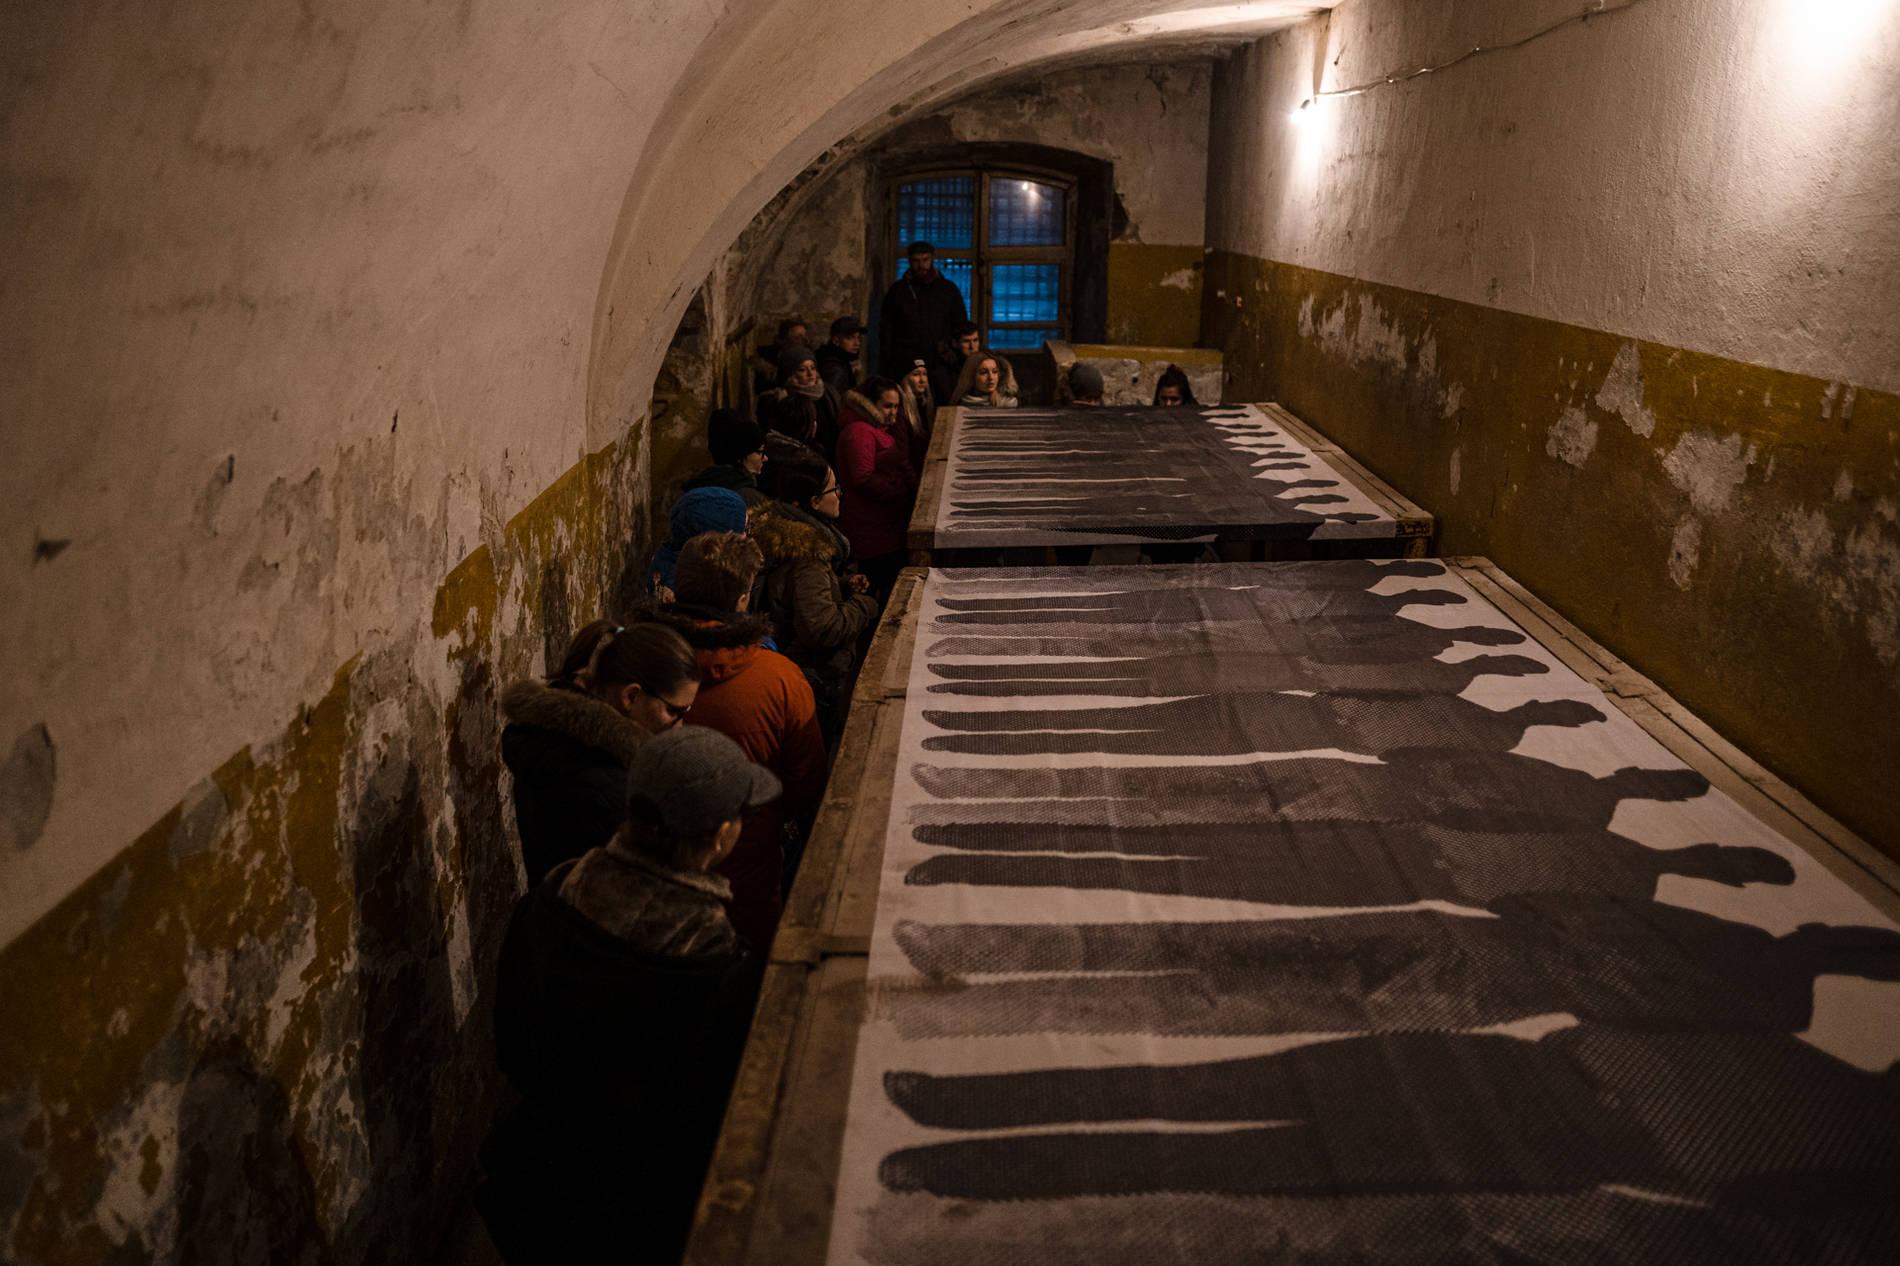 Patarein vankilan näyttelyalue Tallinnassa